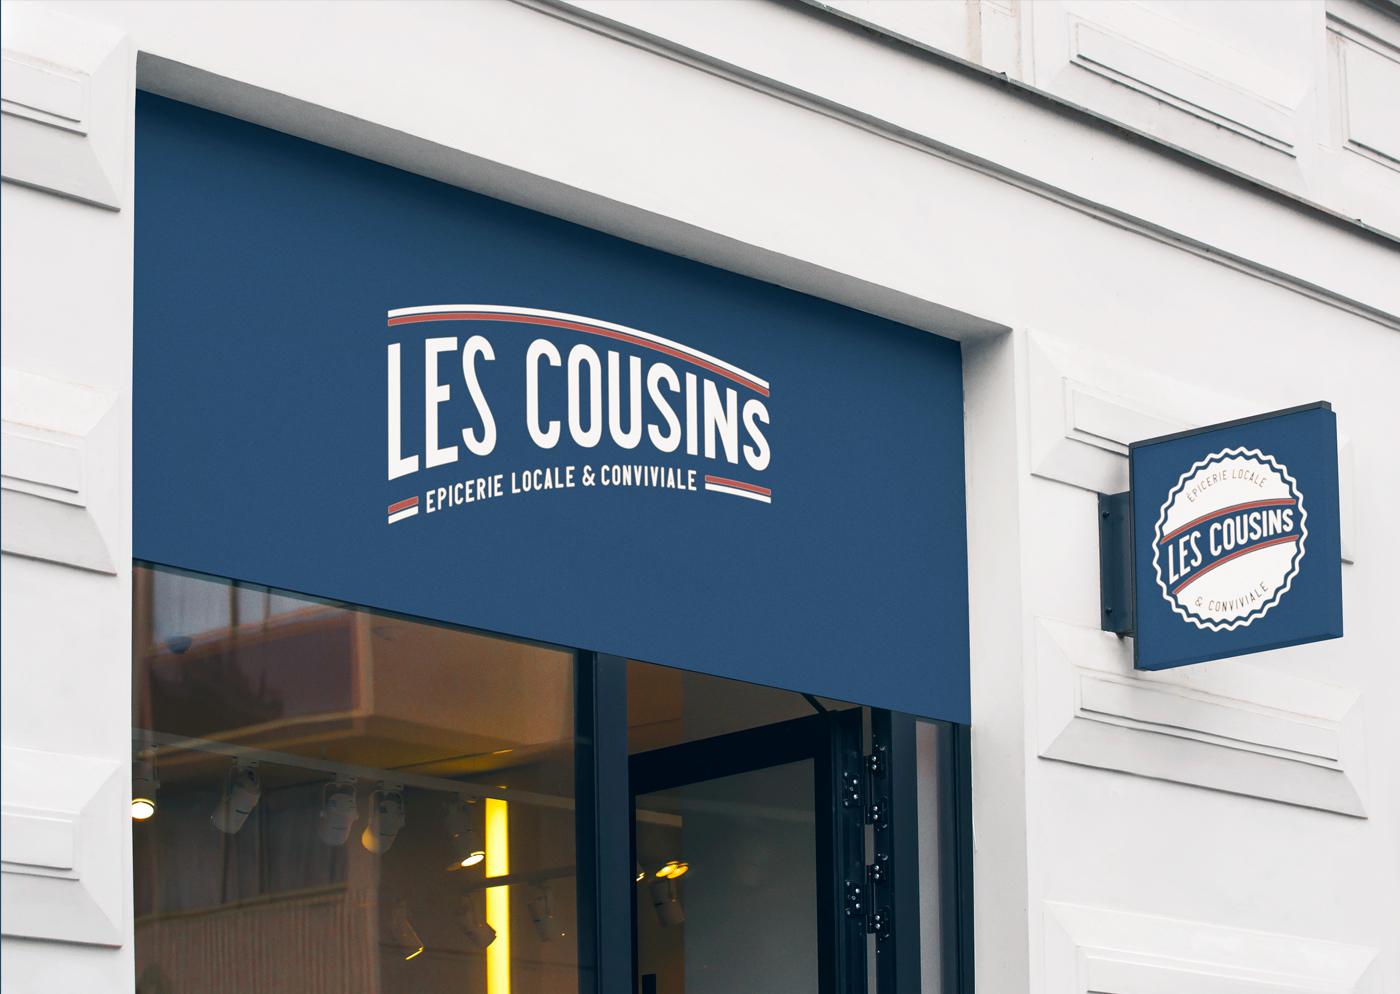 Les Cousins logo signalétique - Mathieu Dupuis freelance